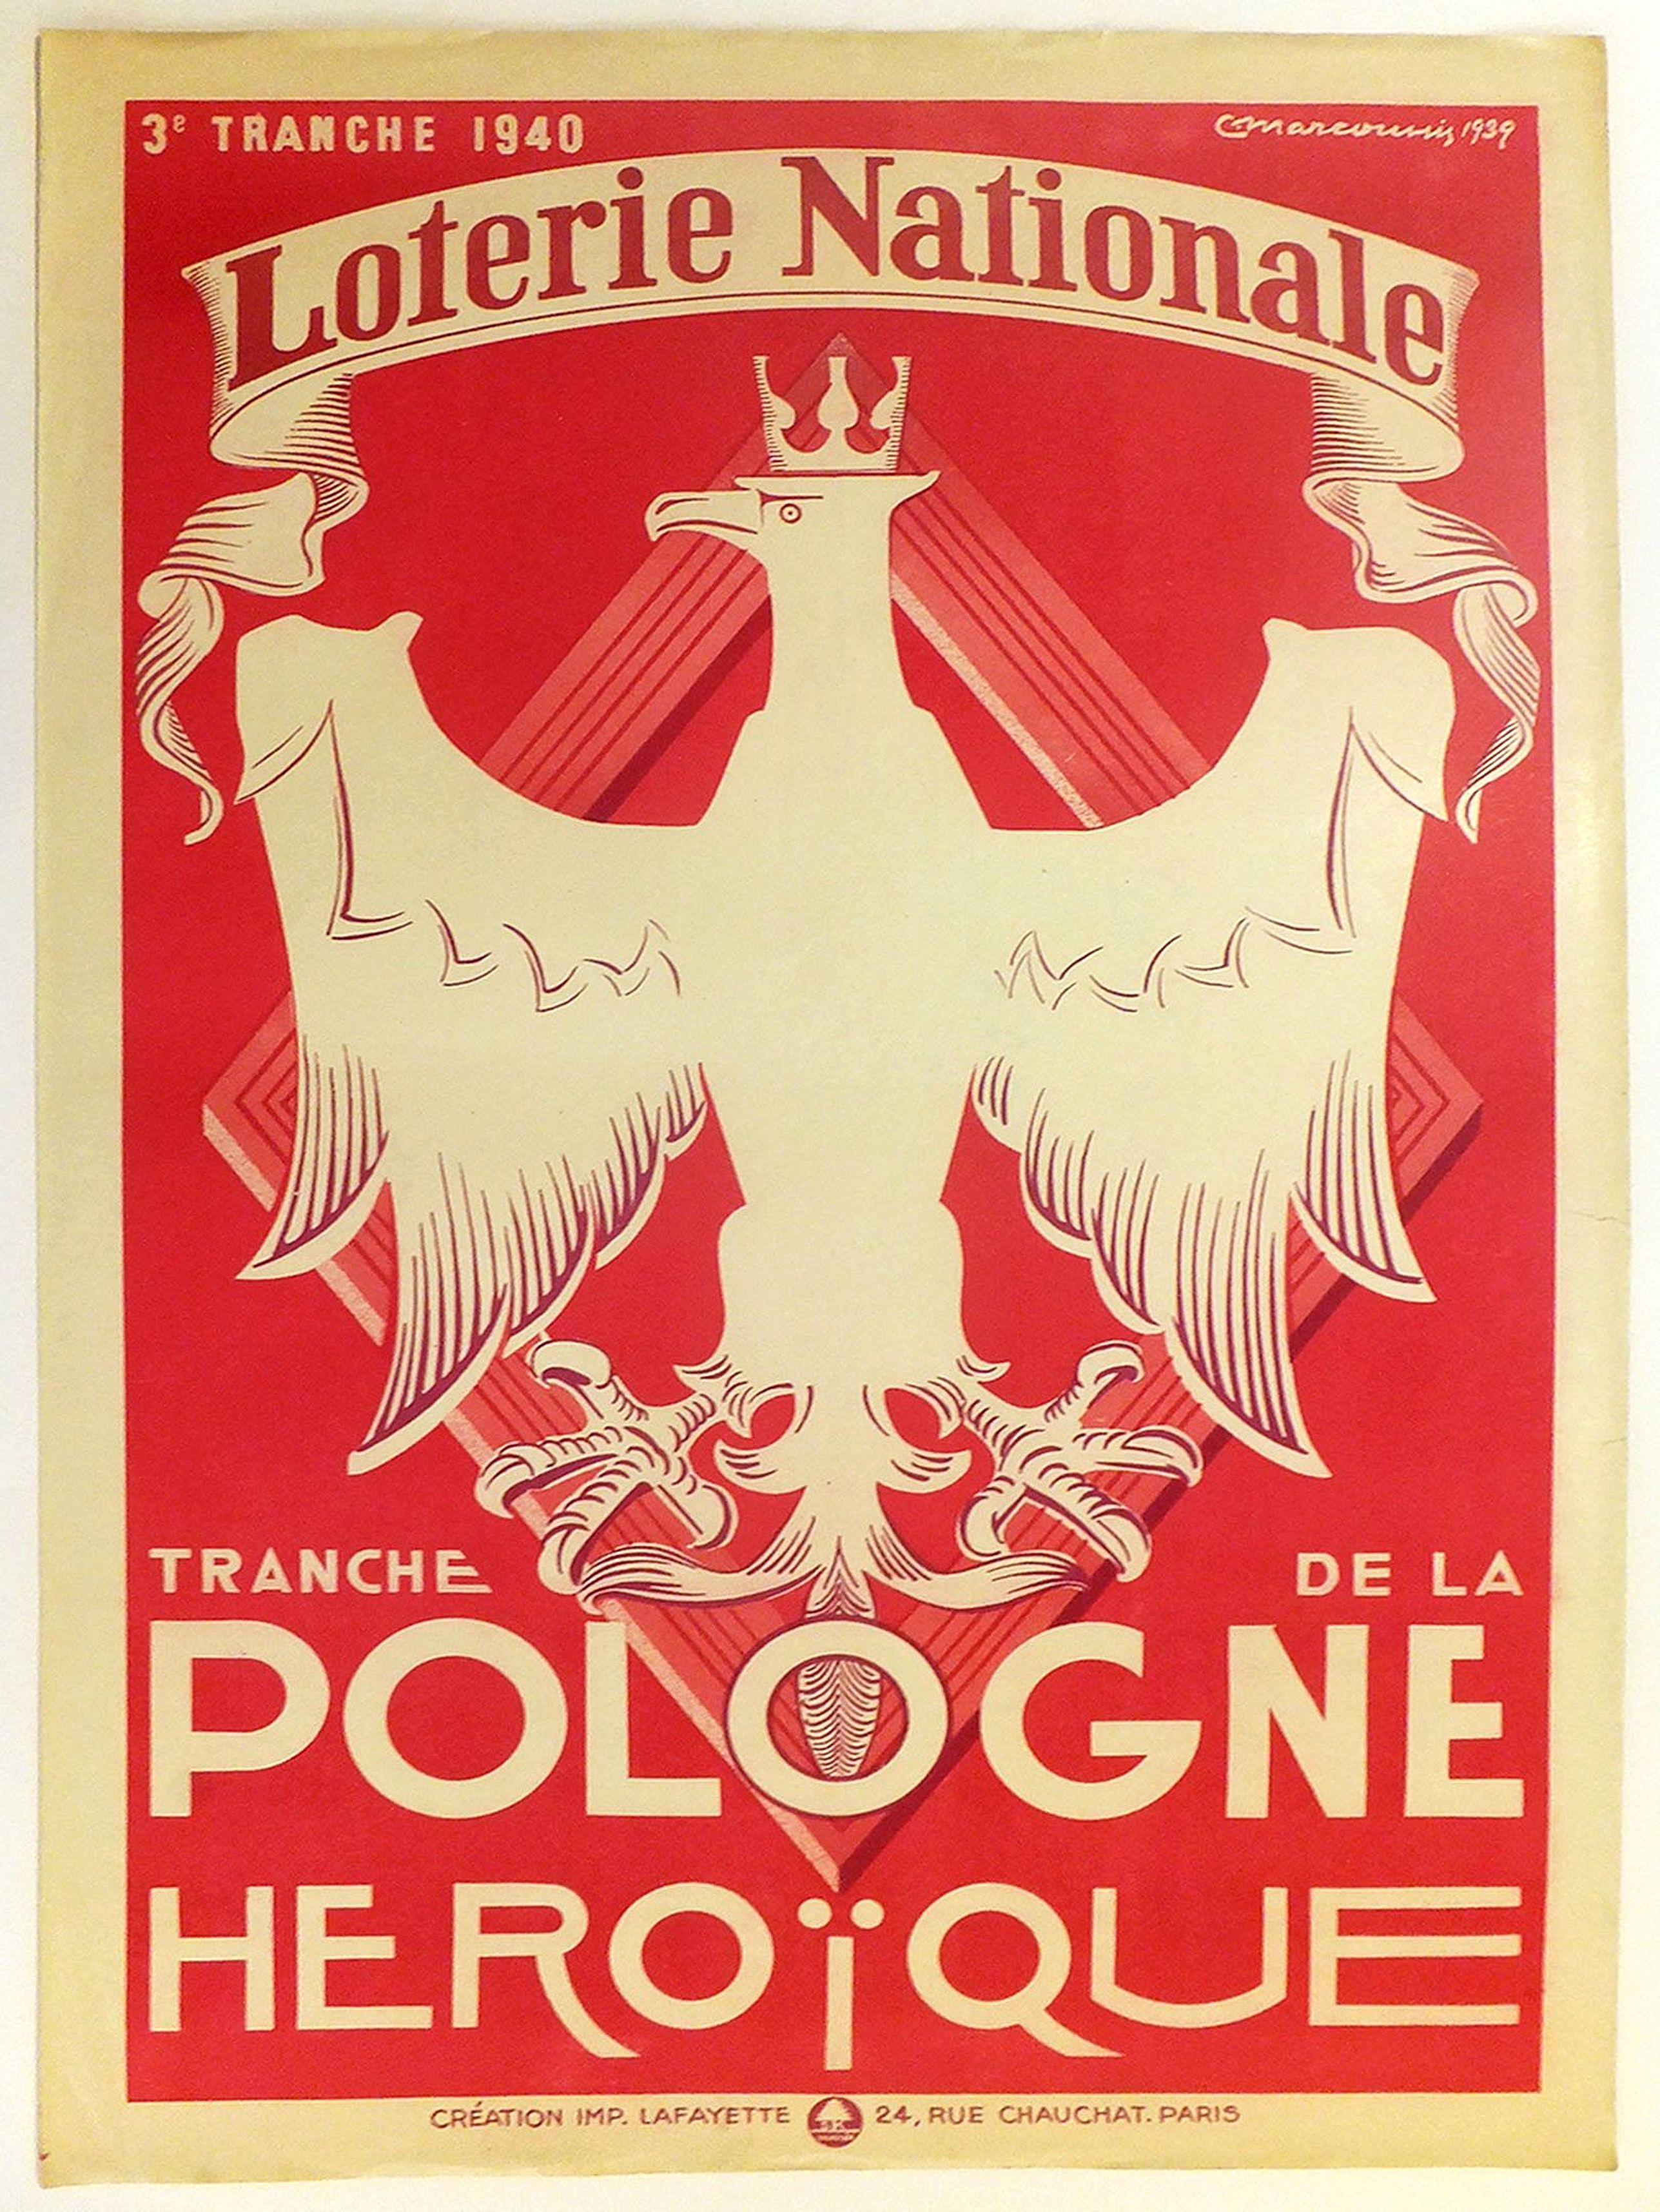 MARCOUSSIS -  3e tranche 1940. Loterie Nationale. Tranche de la Pologne héroïque.